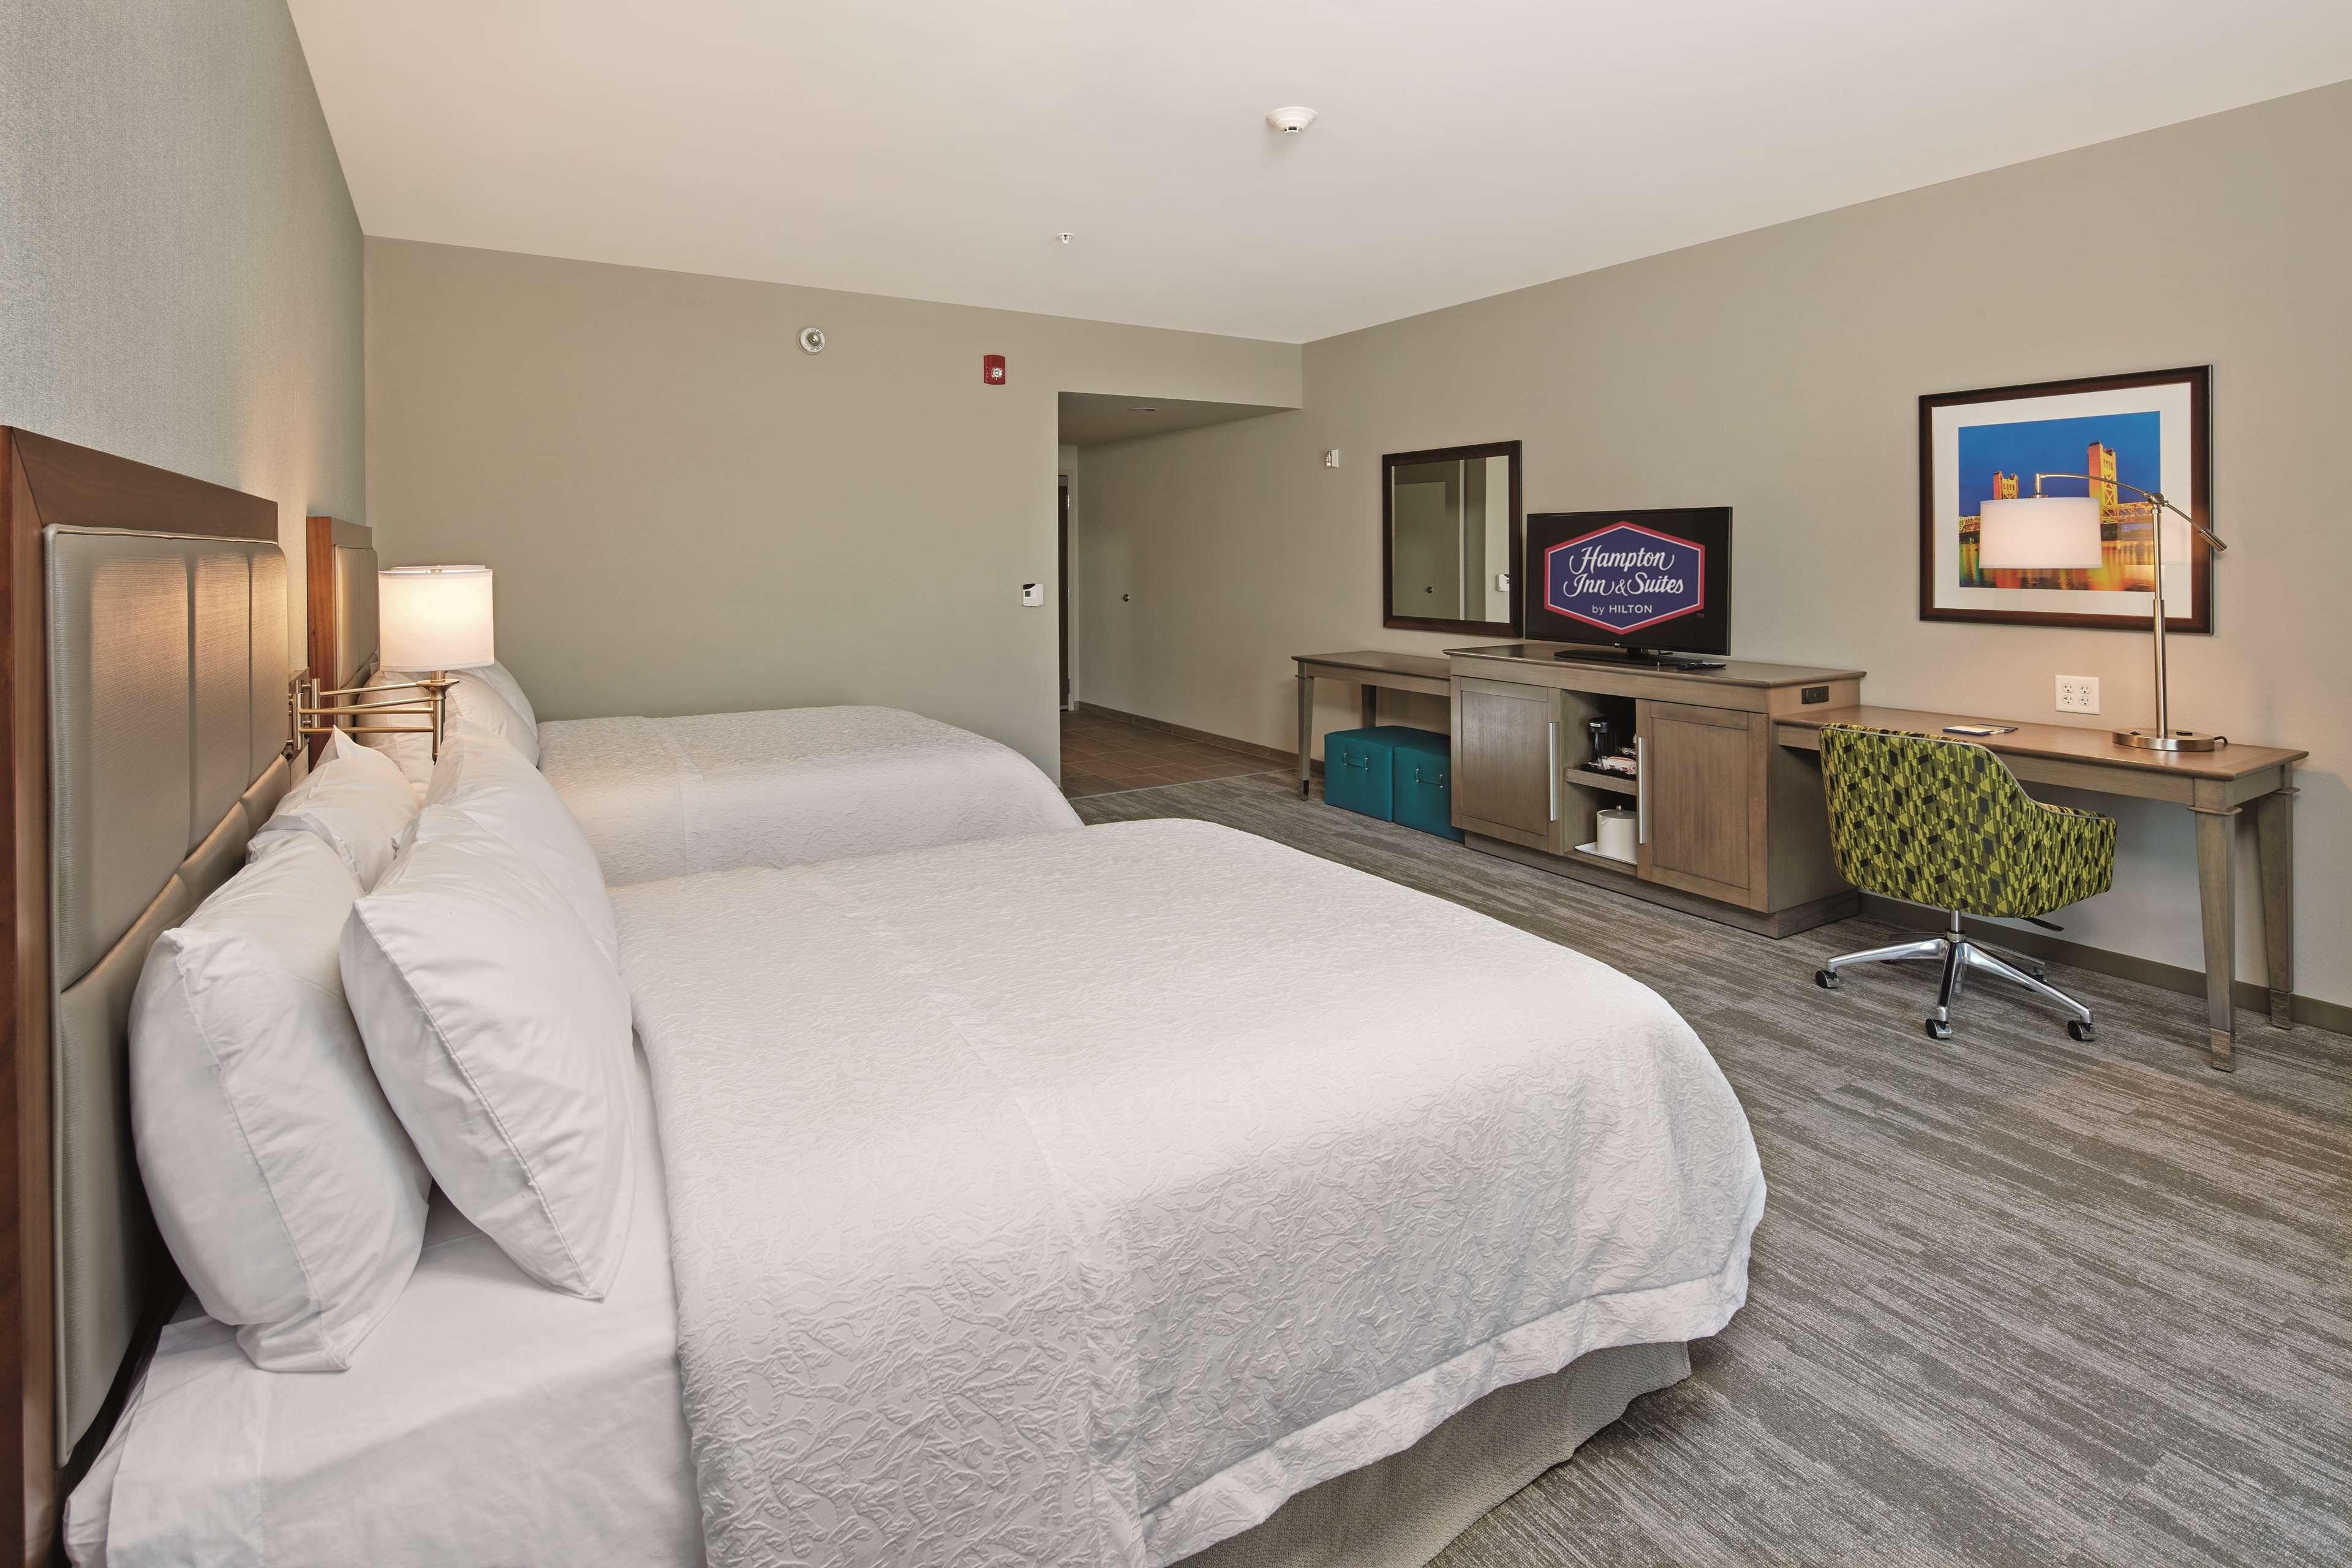 Hampton Inn & Suites Sacramento at CSUS image 24